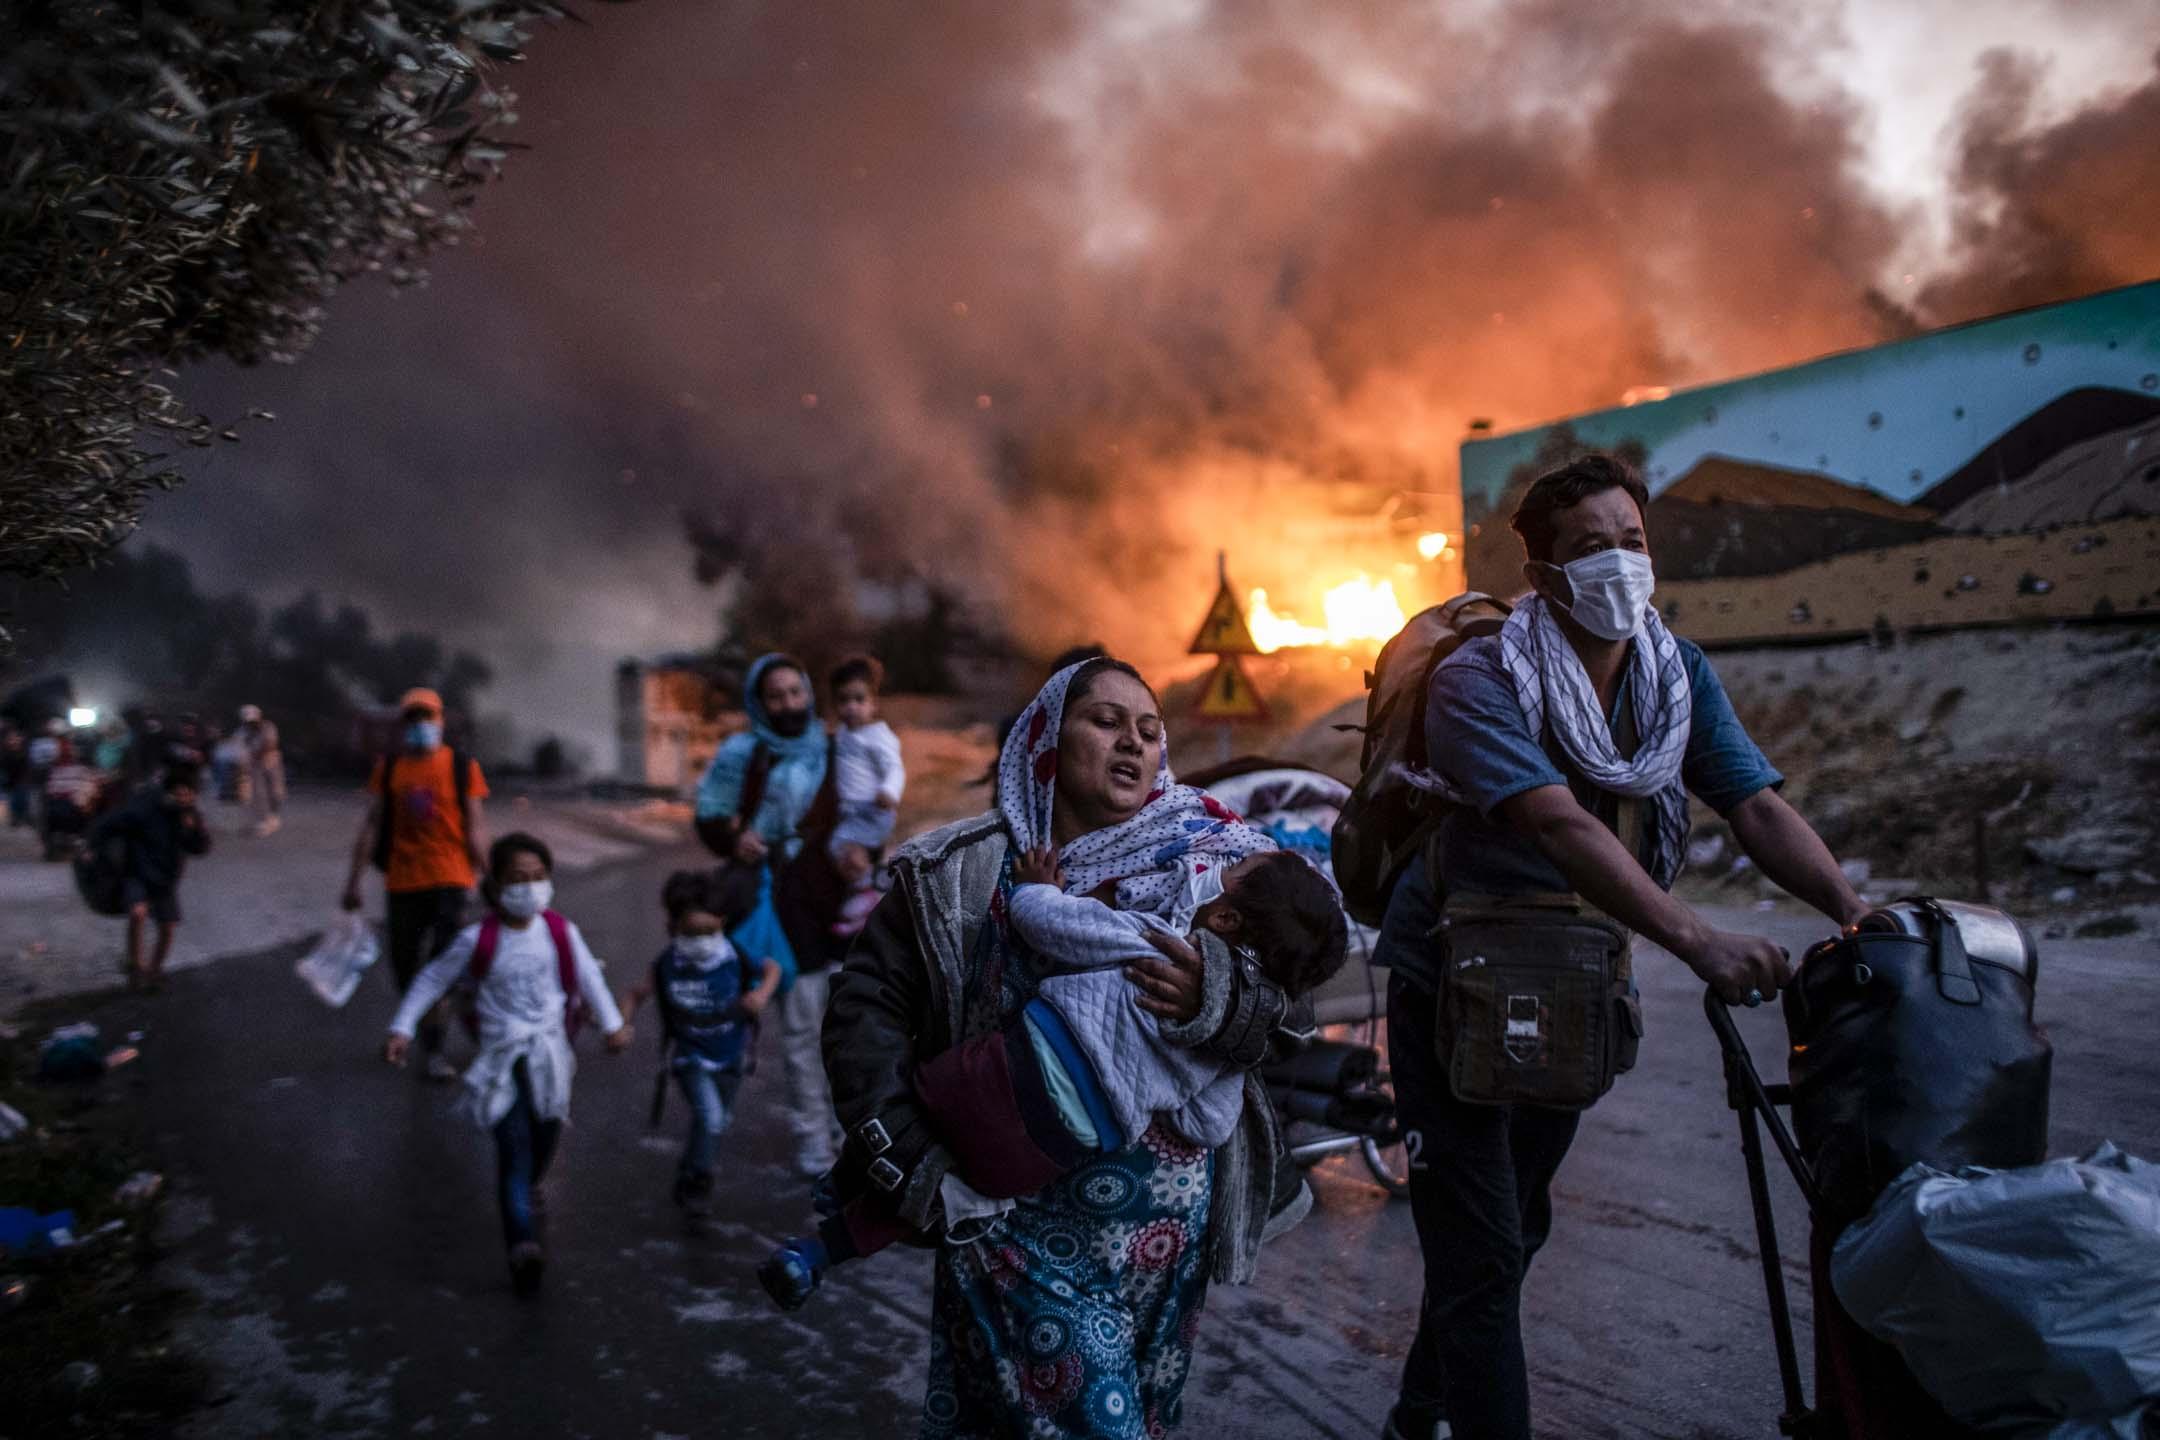 2020年9月9日,希臘萊斯沃斯島、莫里亞難民營發生火災,難民營居民趕忙逃離現場。 攝:Petros Giannakouris/AP/達志影像